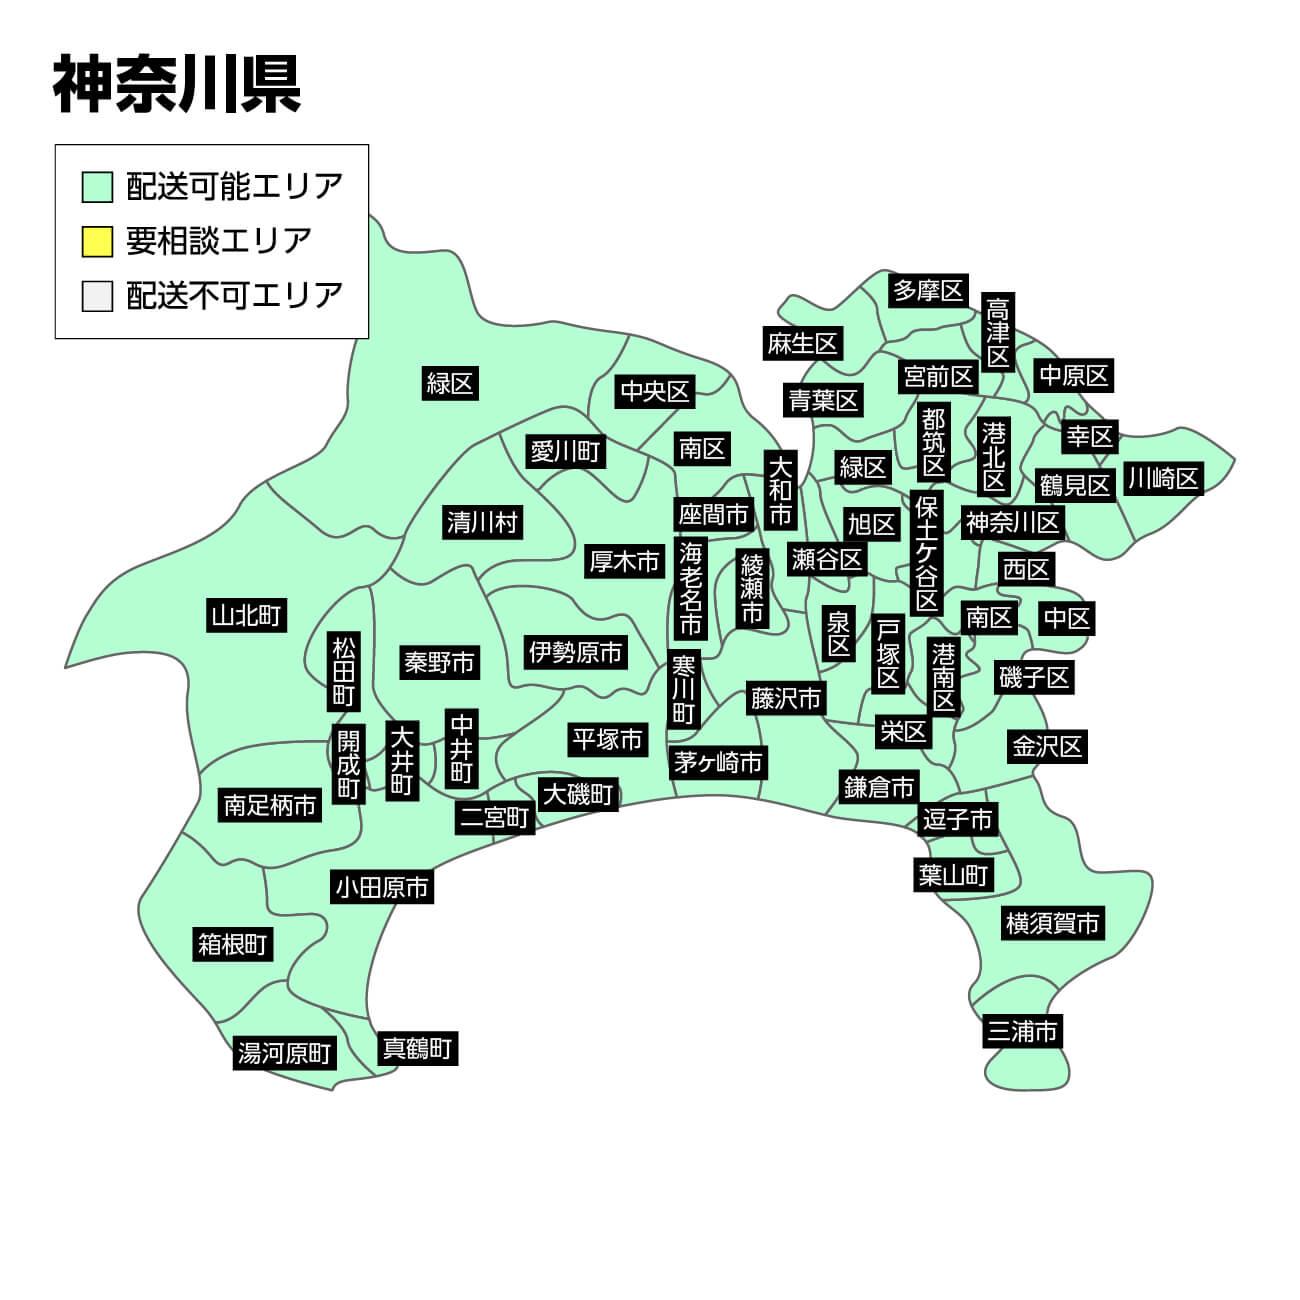 神奈川県の集荷可能エリア